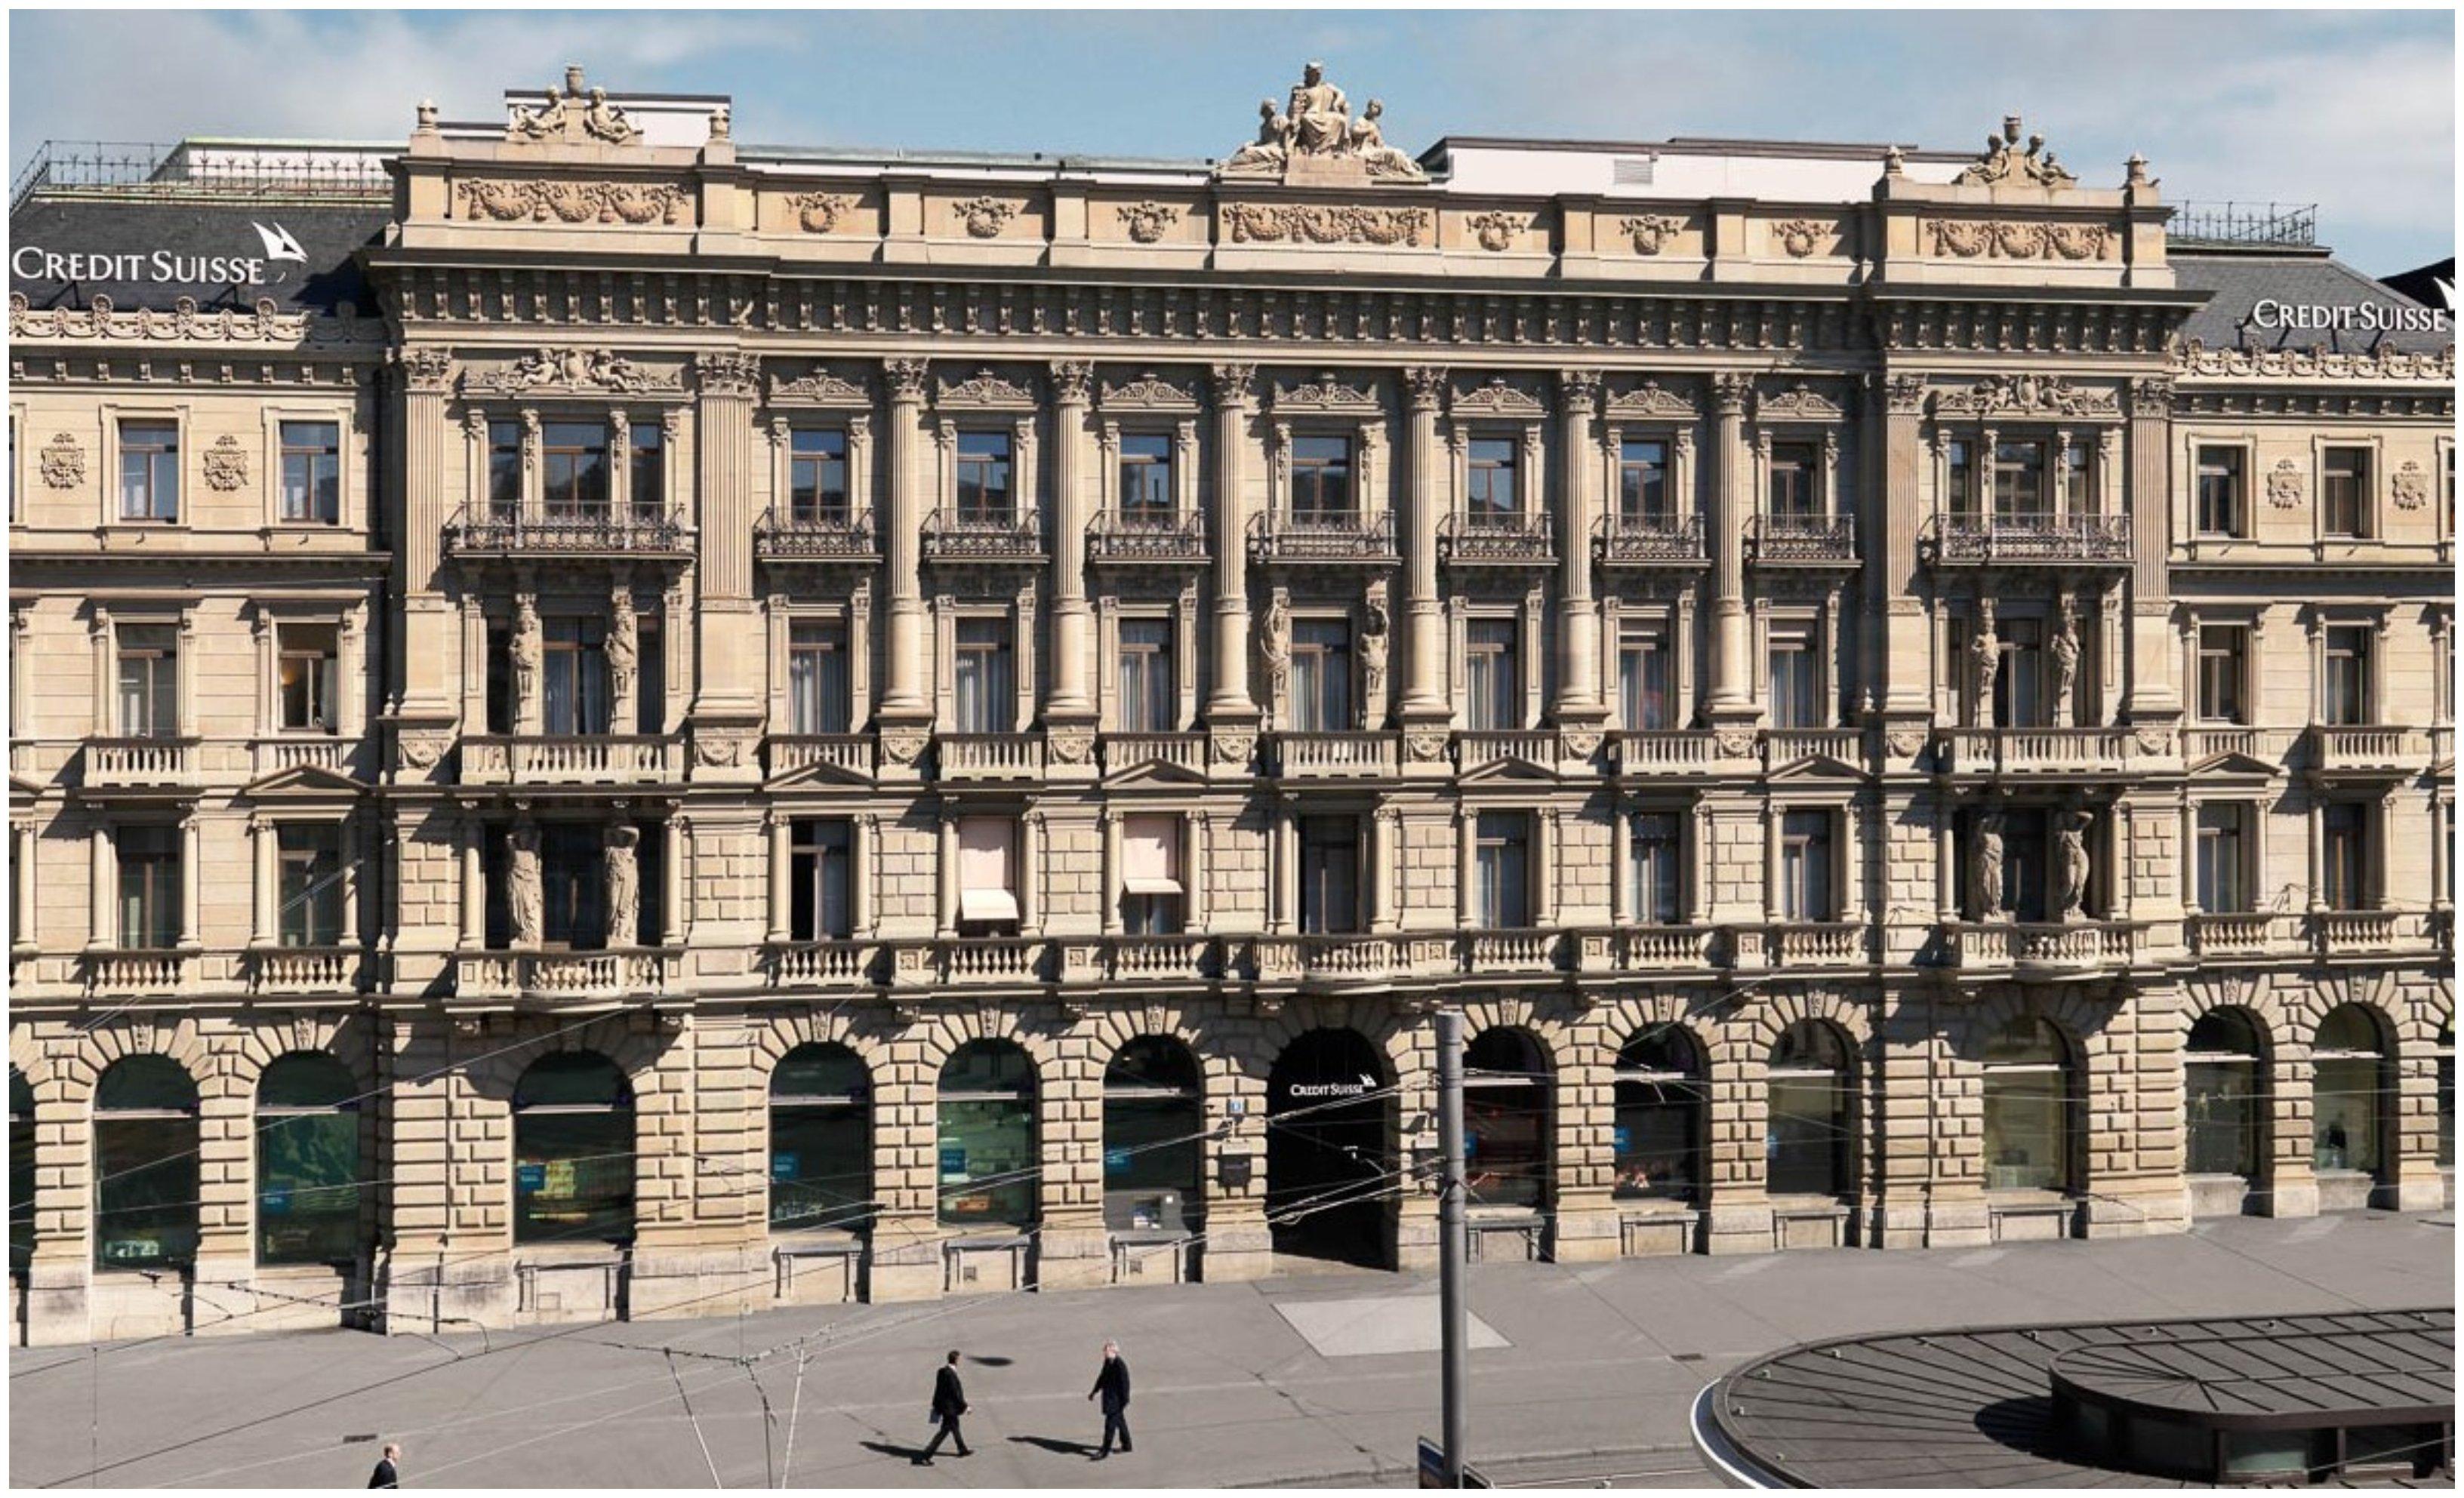 Credit Suisse no renuncia a seguir haciendo banca de fortunas y banca de inversión... todo a un tiempo: ganó 2.567 millones de francos suizos hasta septiembre, un 45,4% más